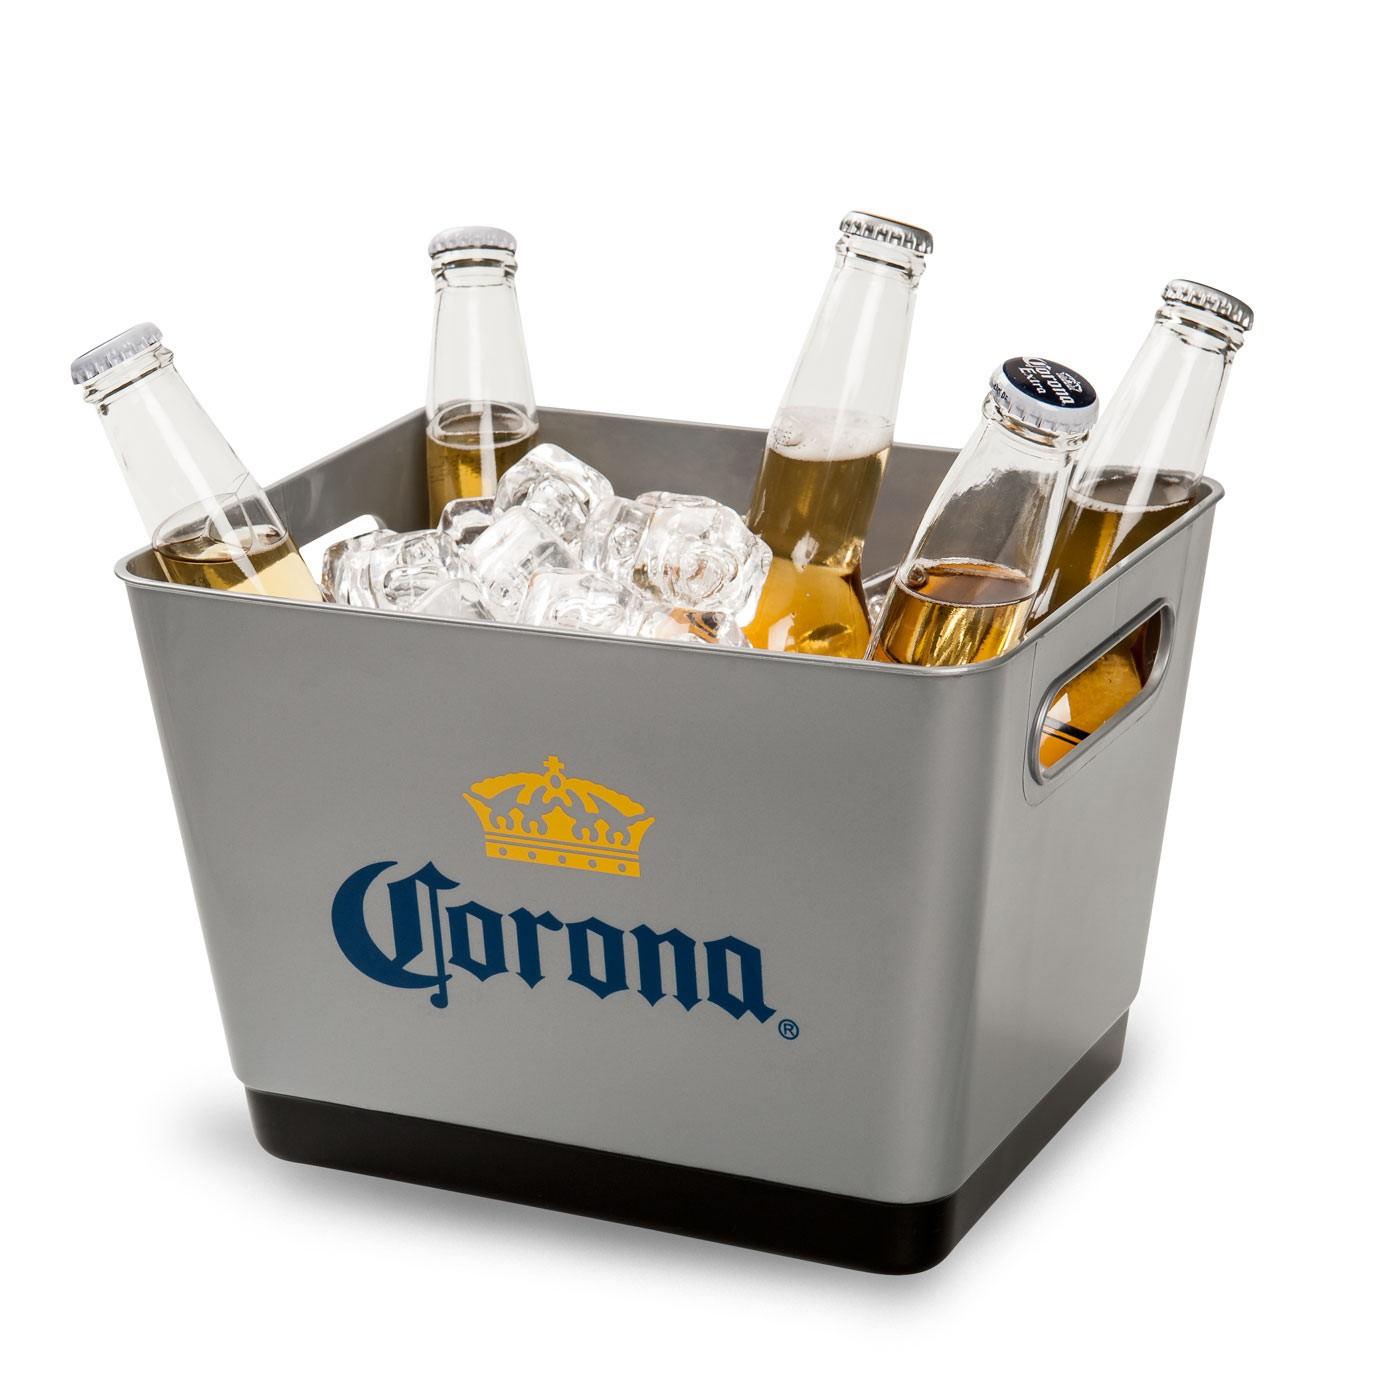 Corona Plastic Cooler Bucket